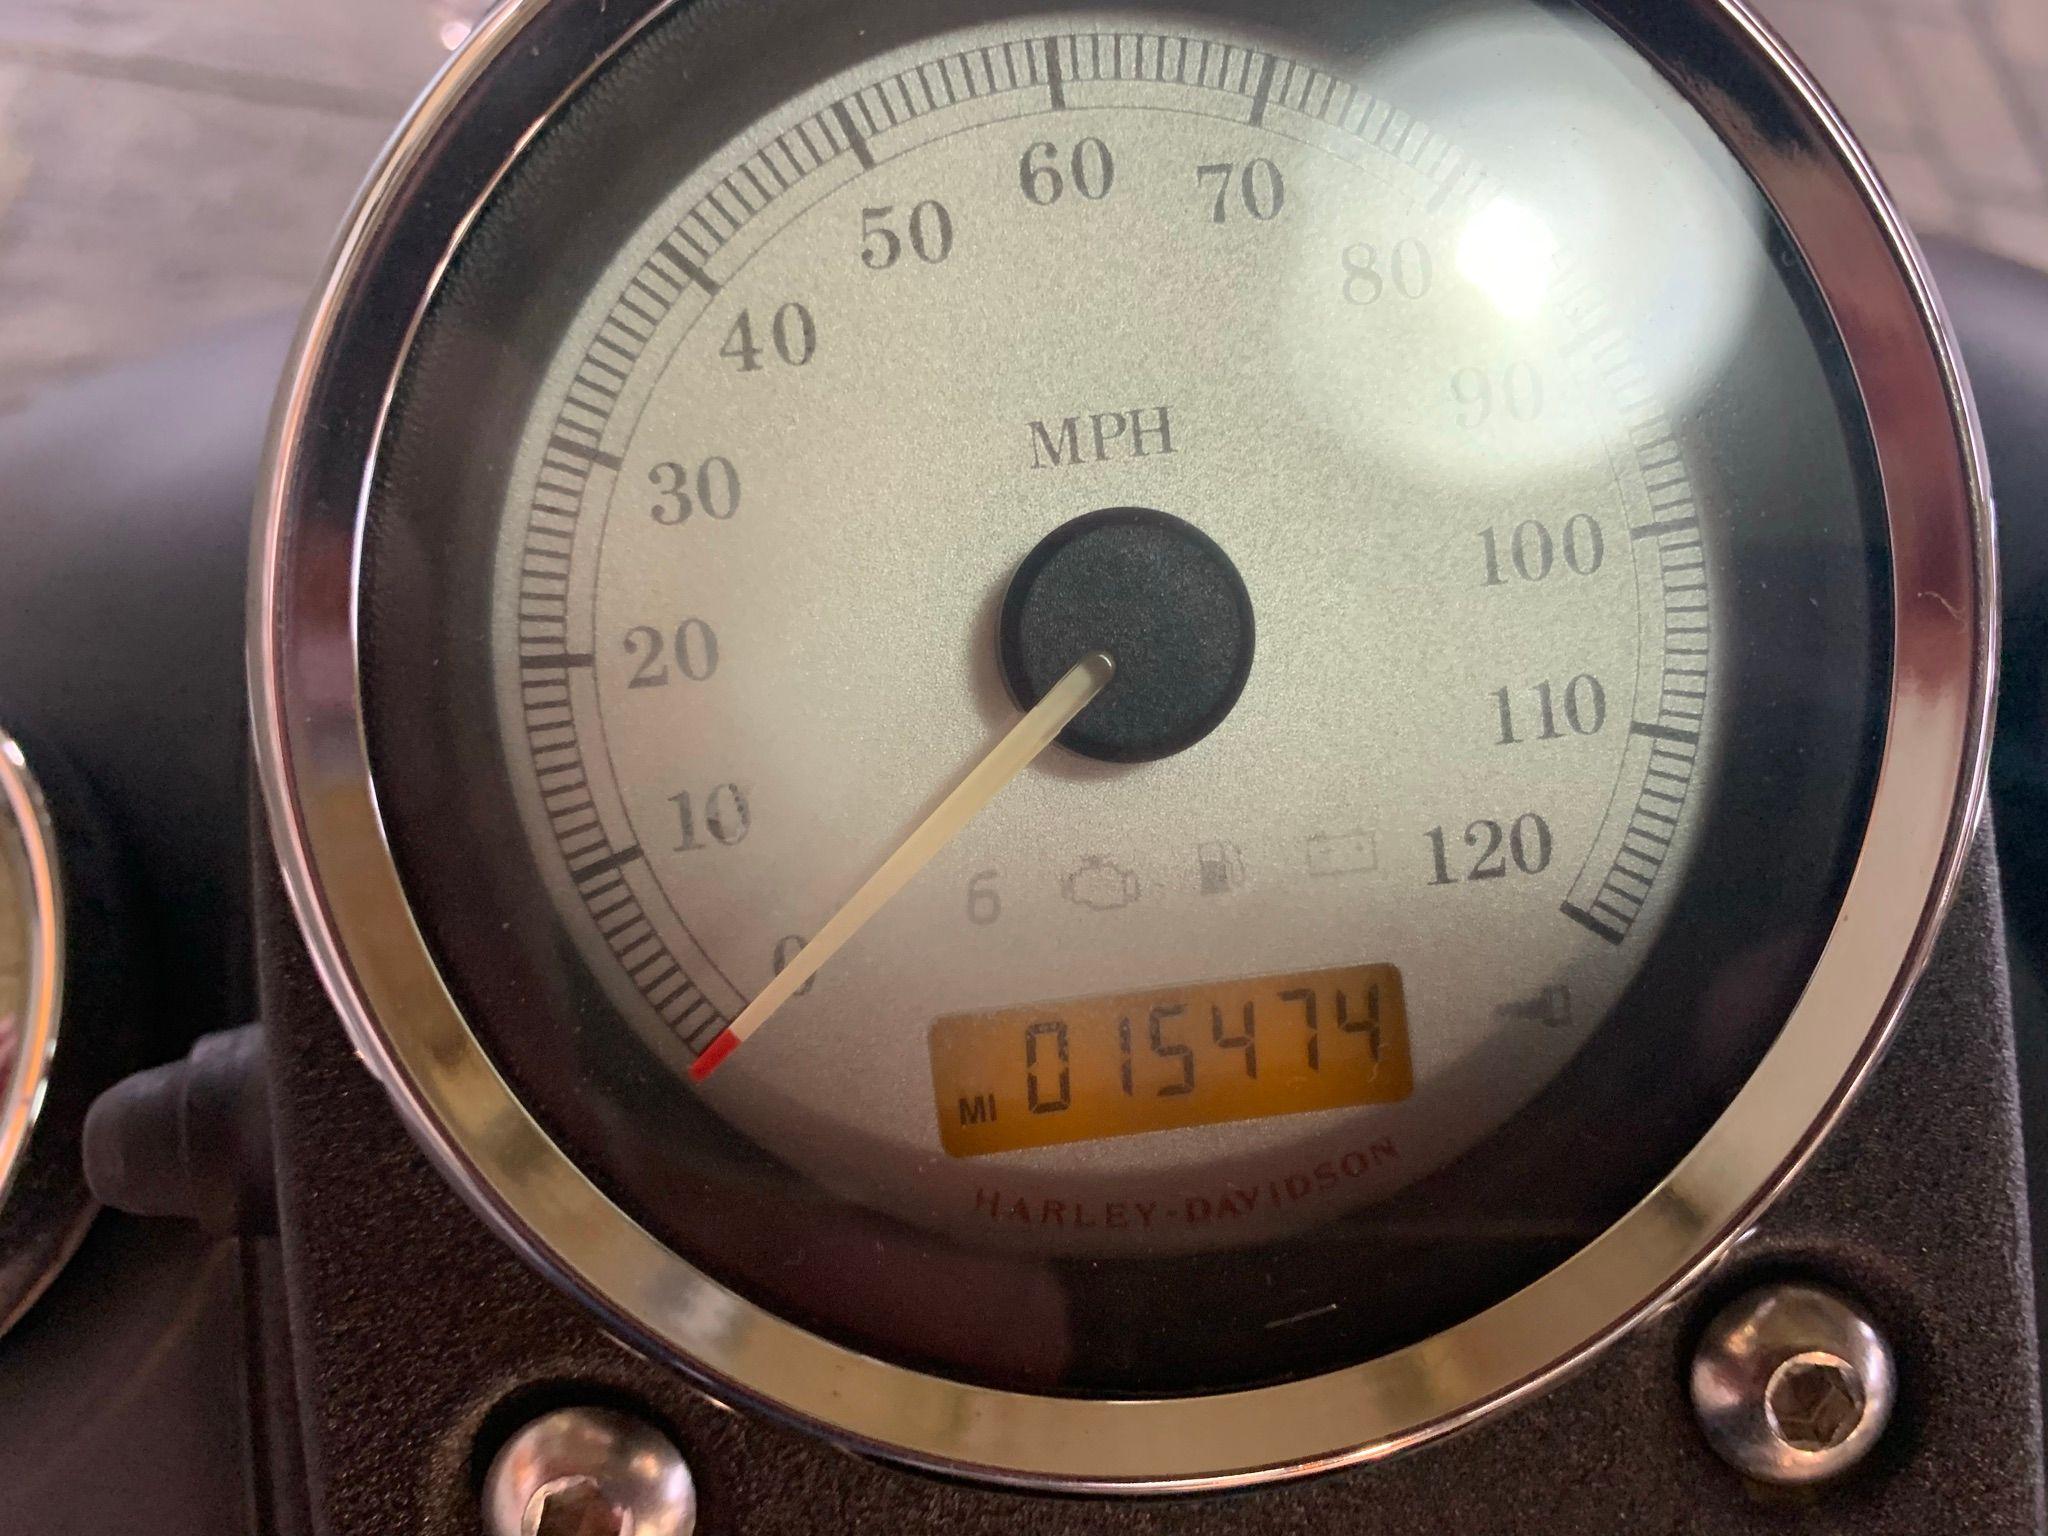 Pre-Owned 2011 Harley-Davidson Street Bob